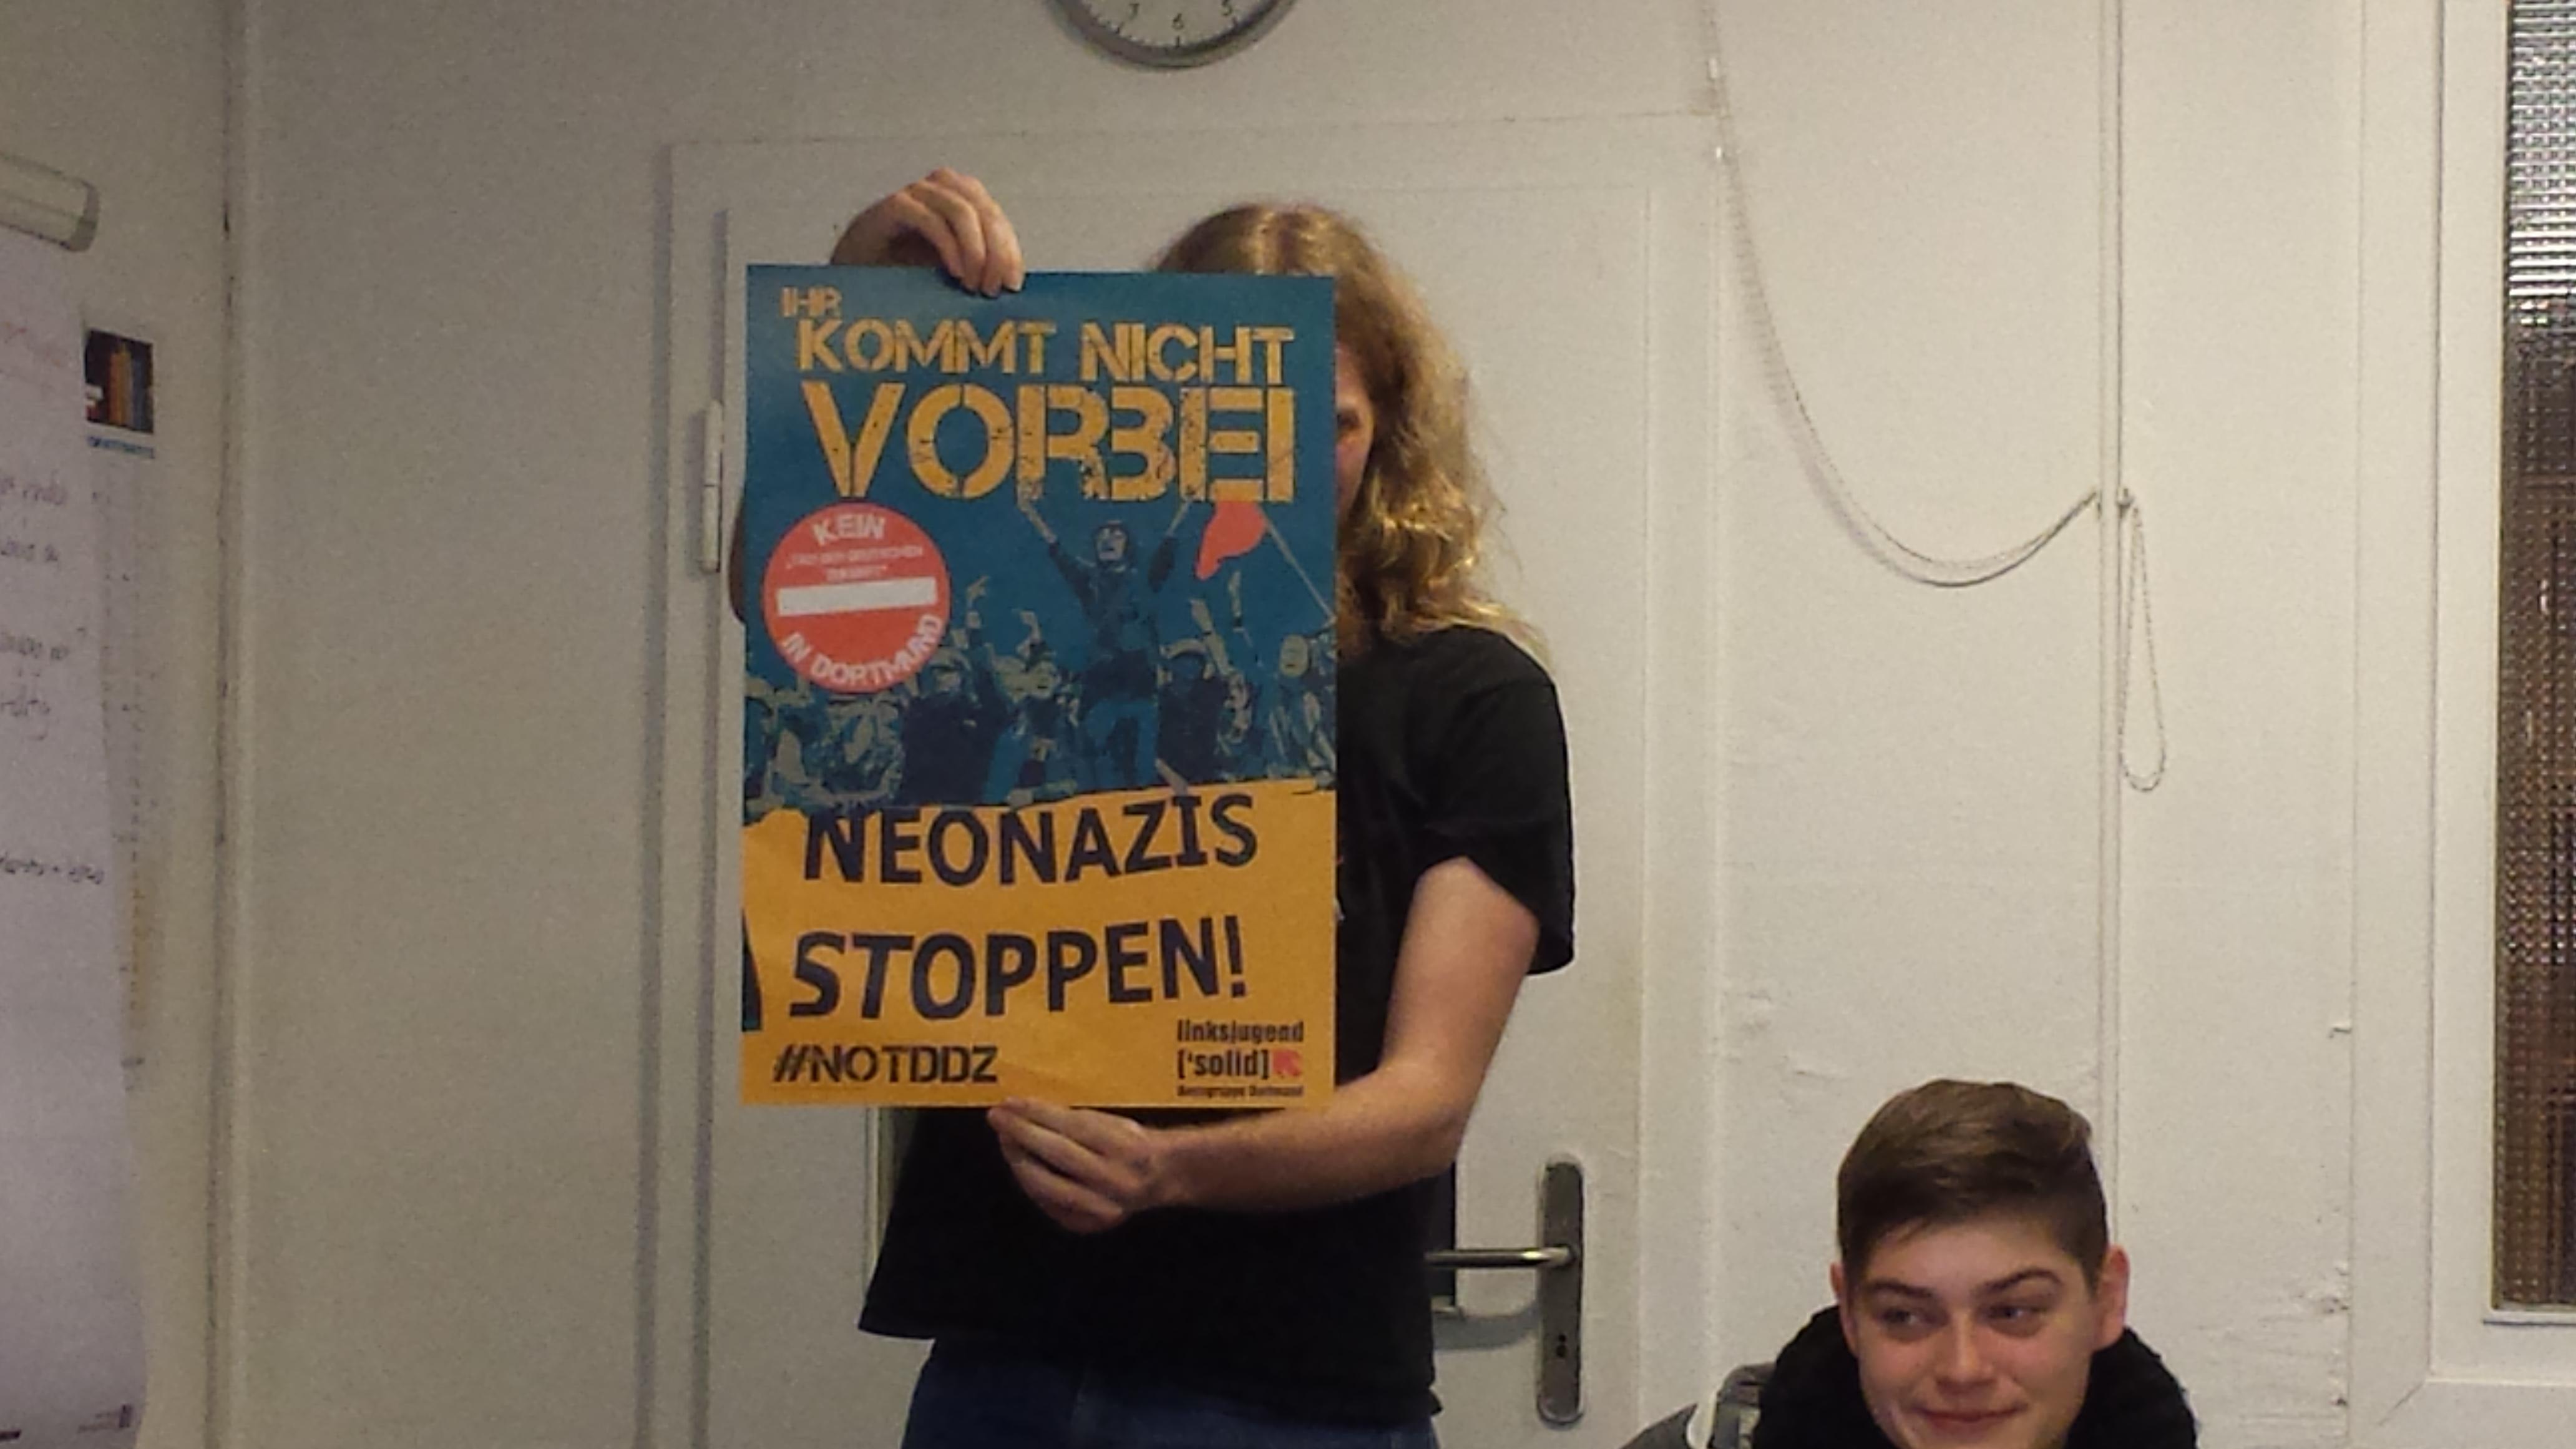 """Der """"Werbeblock"""" am Ende der Veranstaltung für kommende Aktionen in Dortmund."""